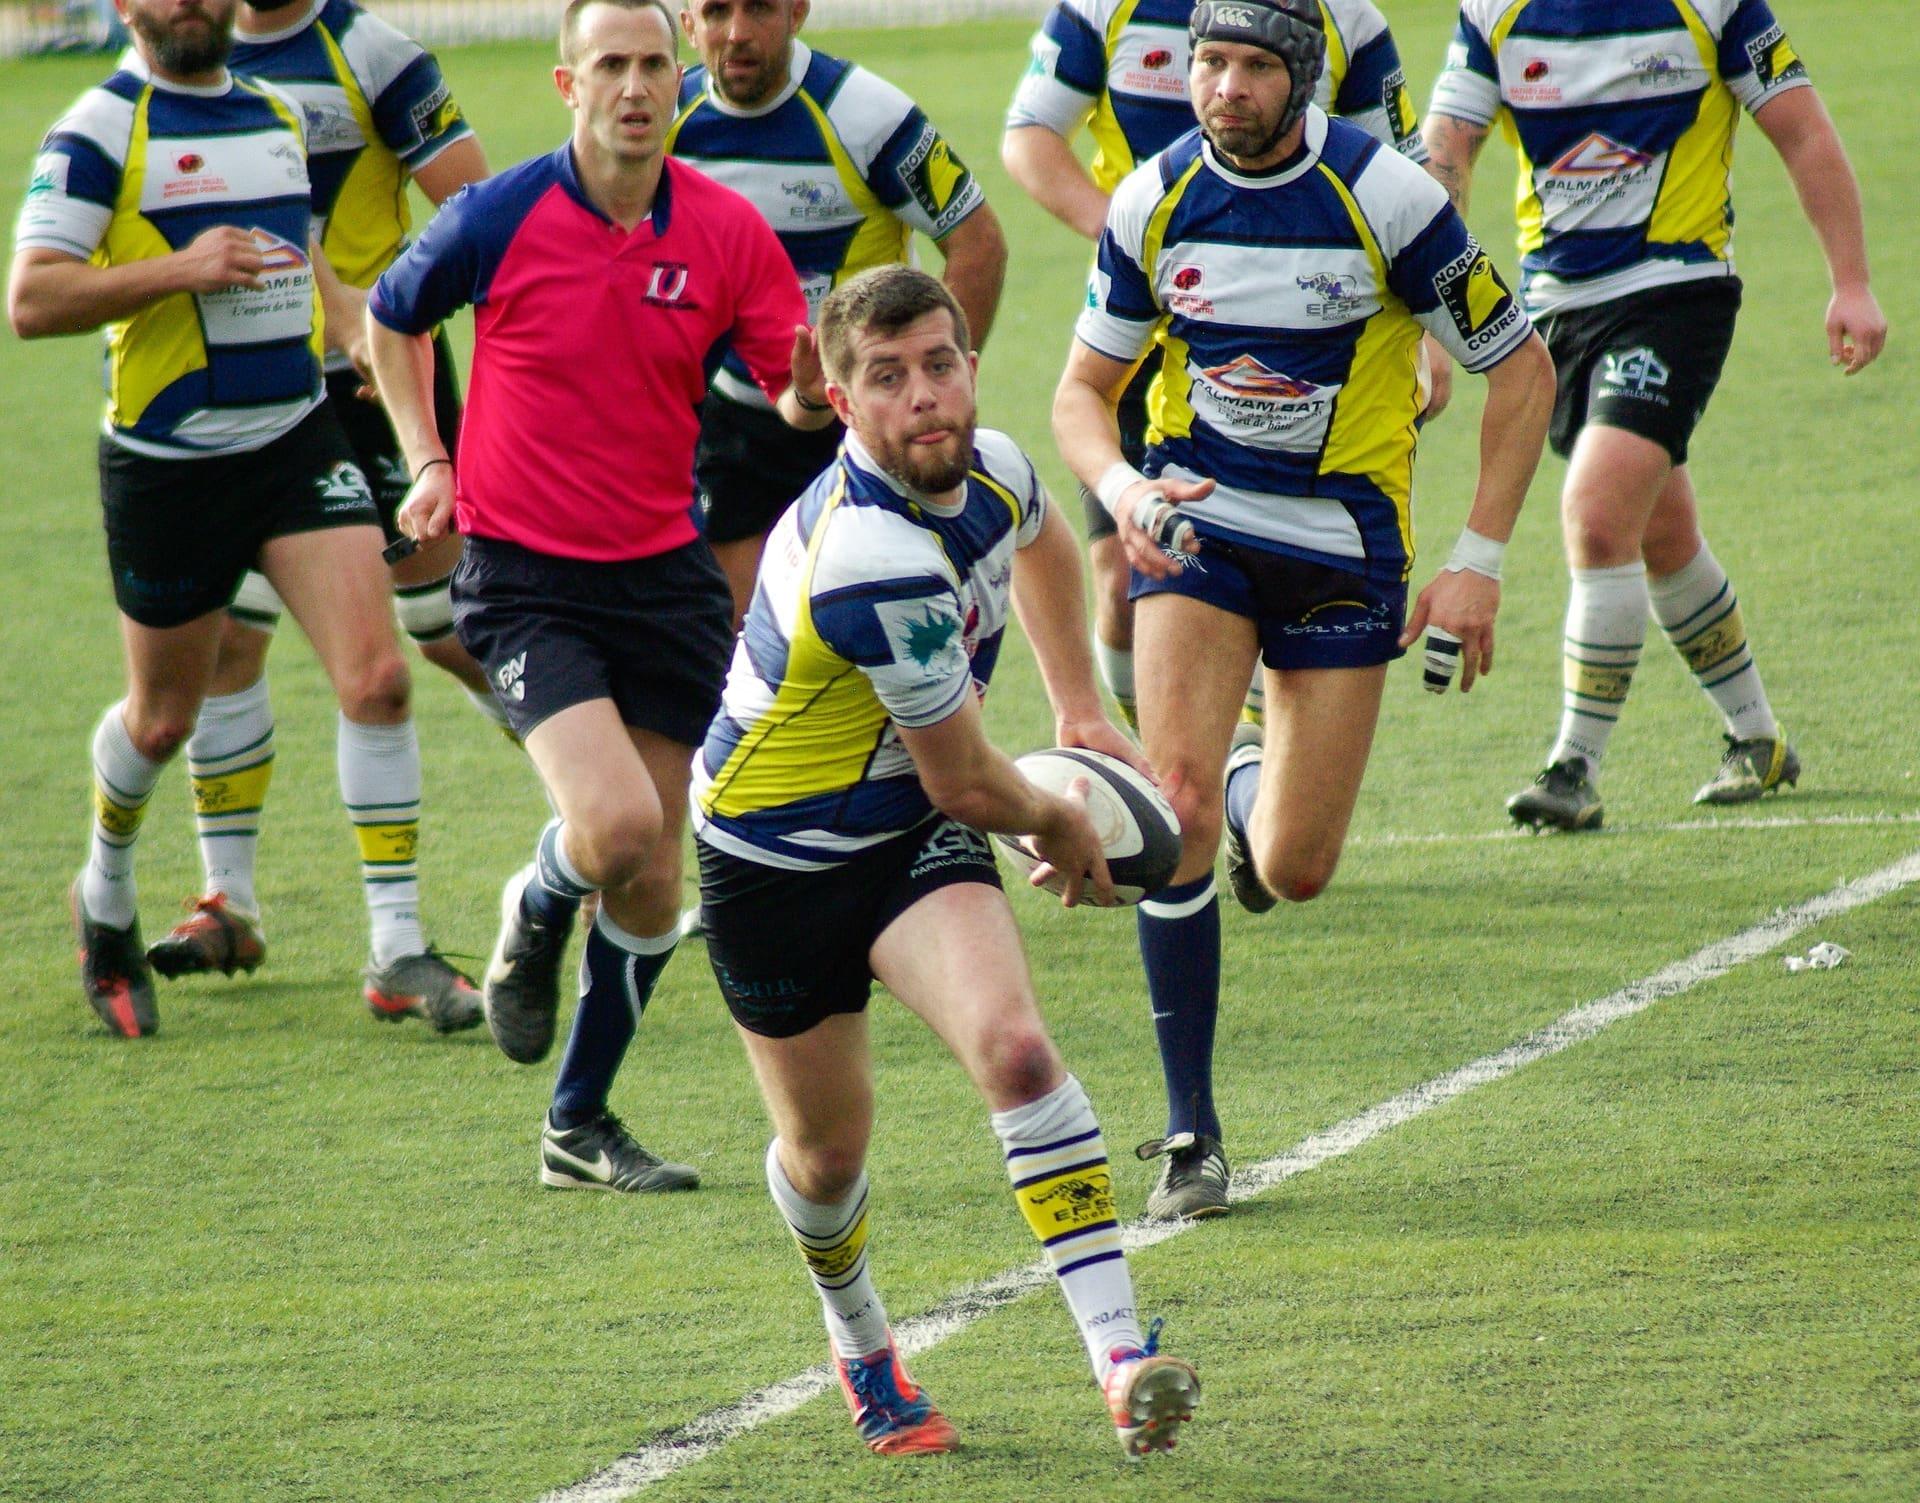 xv-rugby-655020_1920-min.jpg